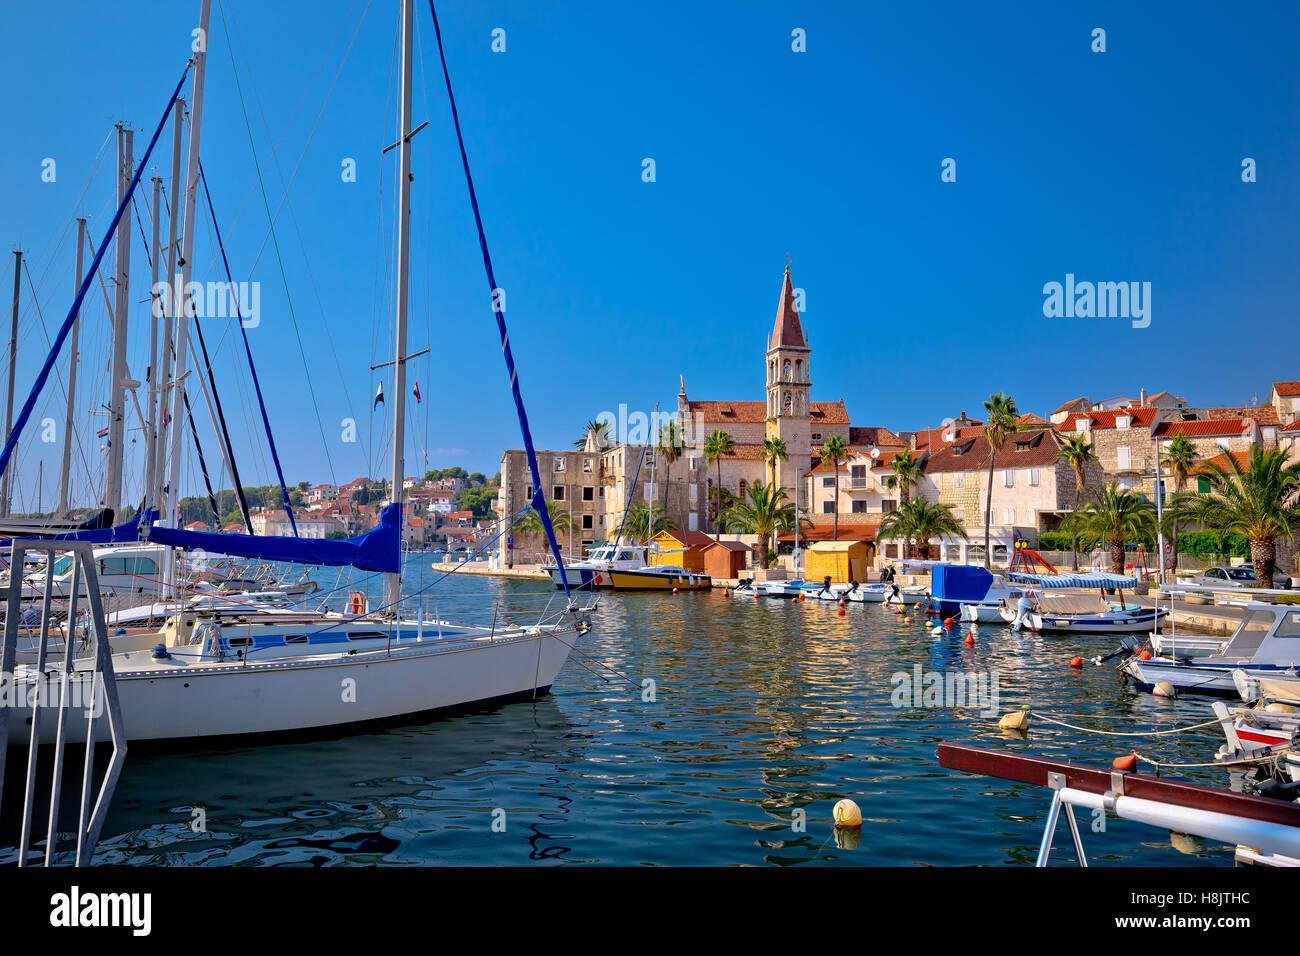 Città di Milna waterfront e vista Marina, Isola di Brac Dalmazia, Croazia Immagini Stock